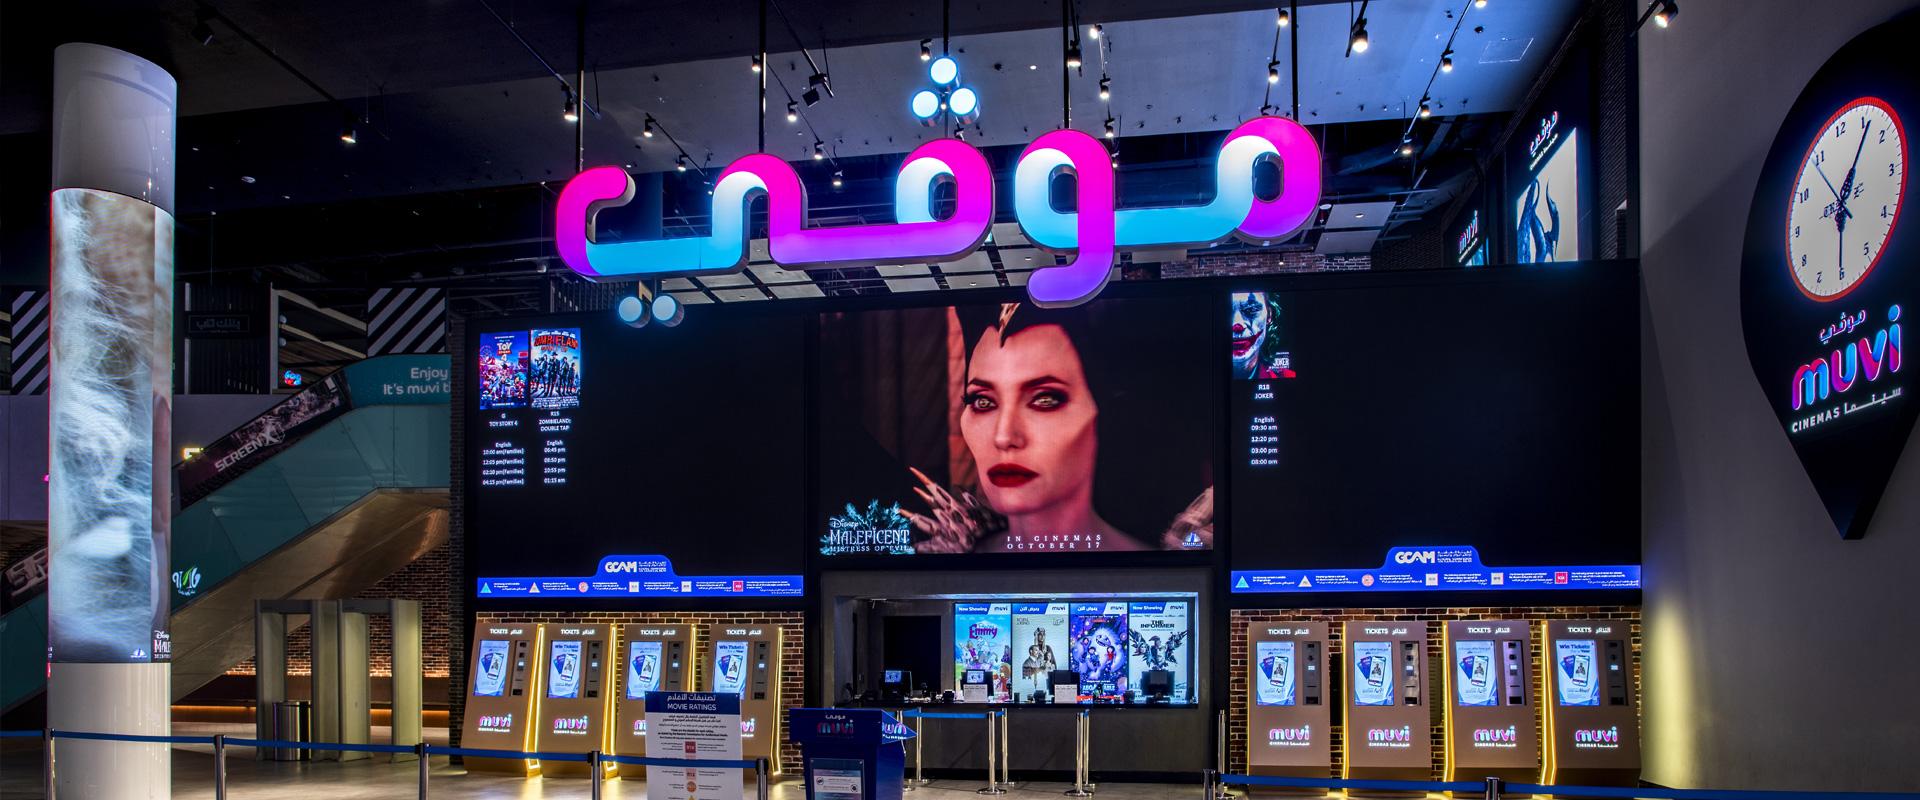 مجمع العرب جدة احجز تذاكر الأفلام السينمائية على الانترنت موڤي سينما في السعودية